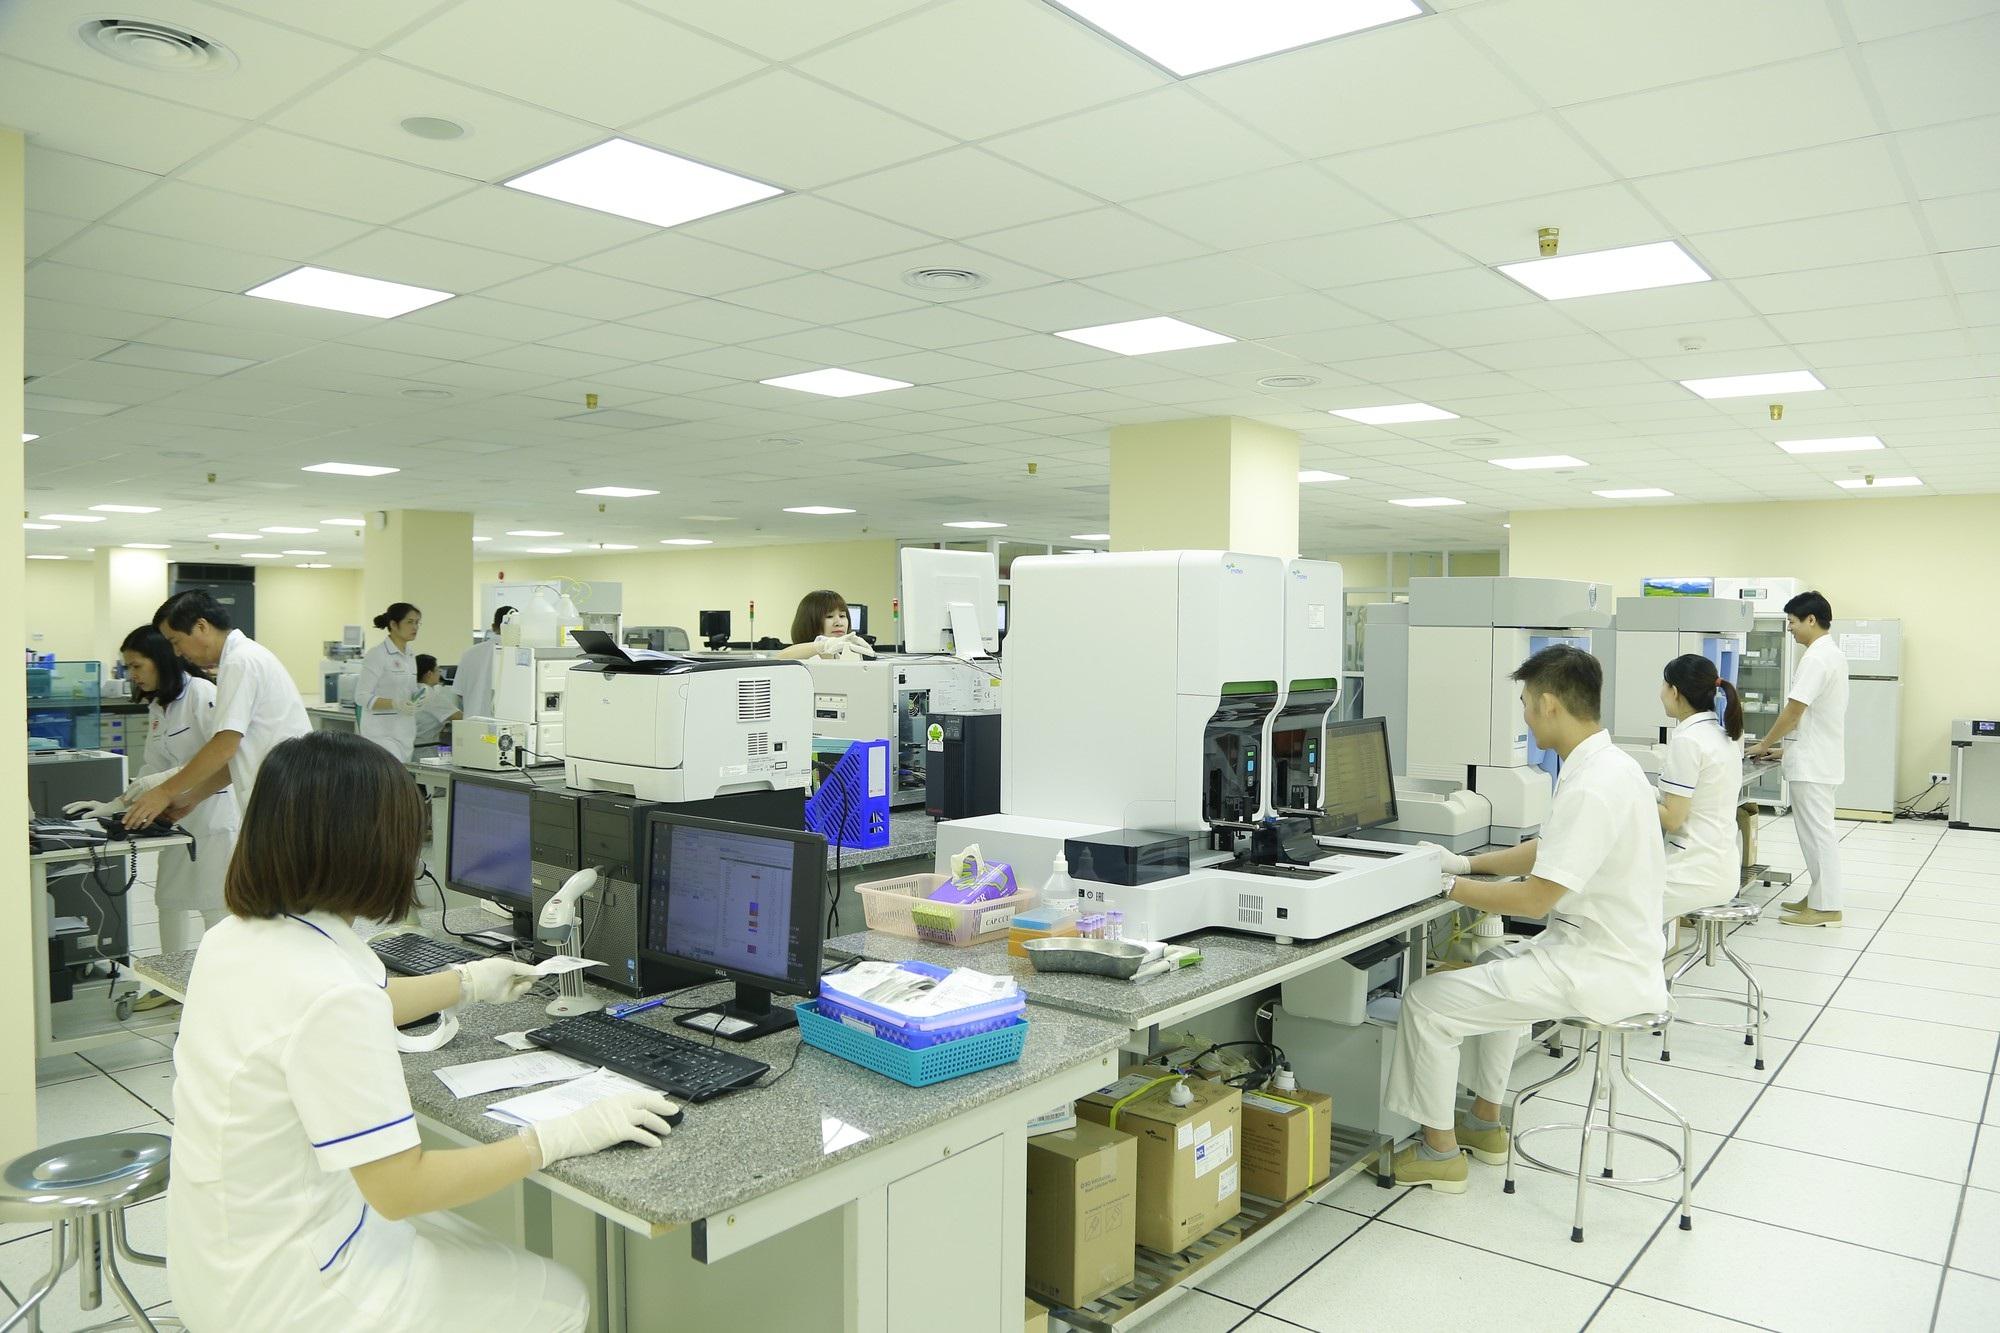 Thủ tướng dự lễ khánh thành tòa bệnh viện công hiện đại nhất Việt Nam - Ảnh 2.